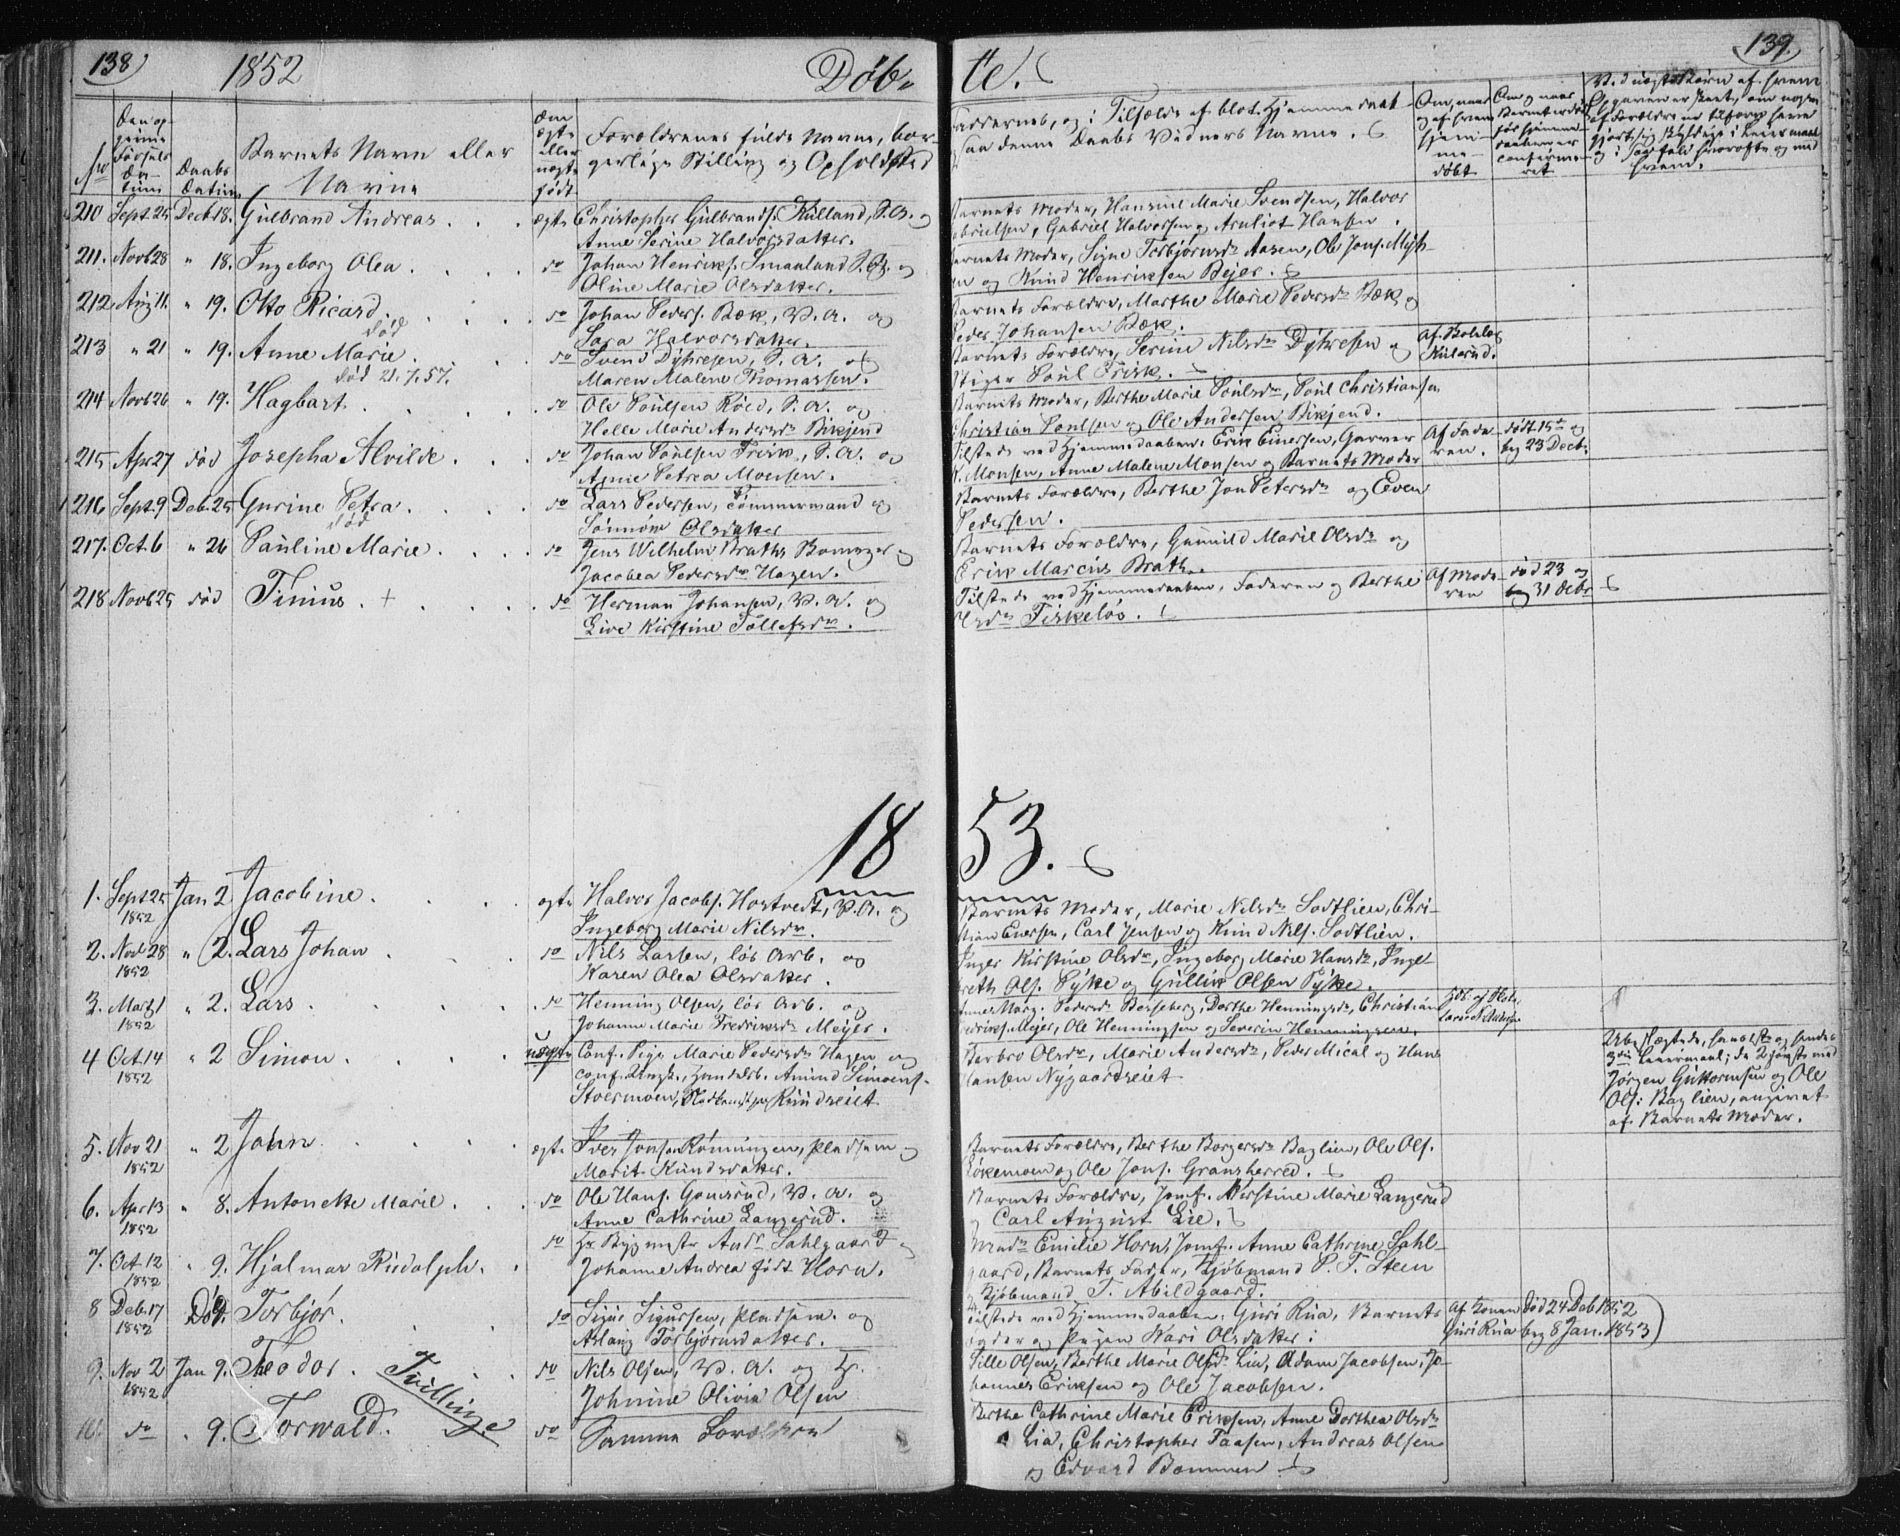 SAKO, Kongsberg kirkebøker, F/Fa/L0009: Ministerialbok nr. I 9, 1839-1858, s. 138-139